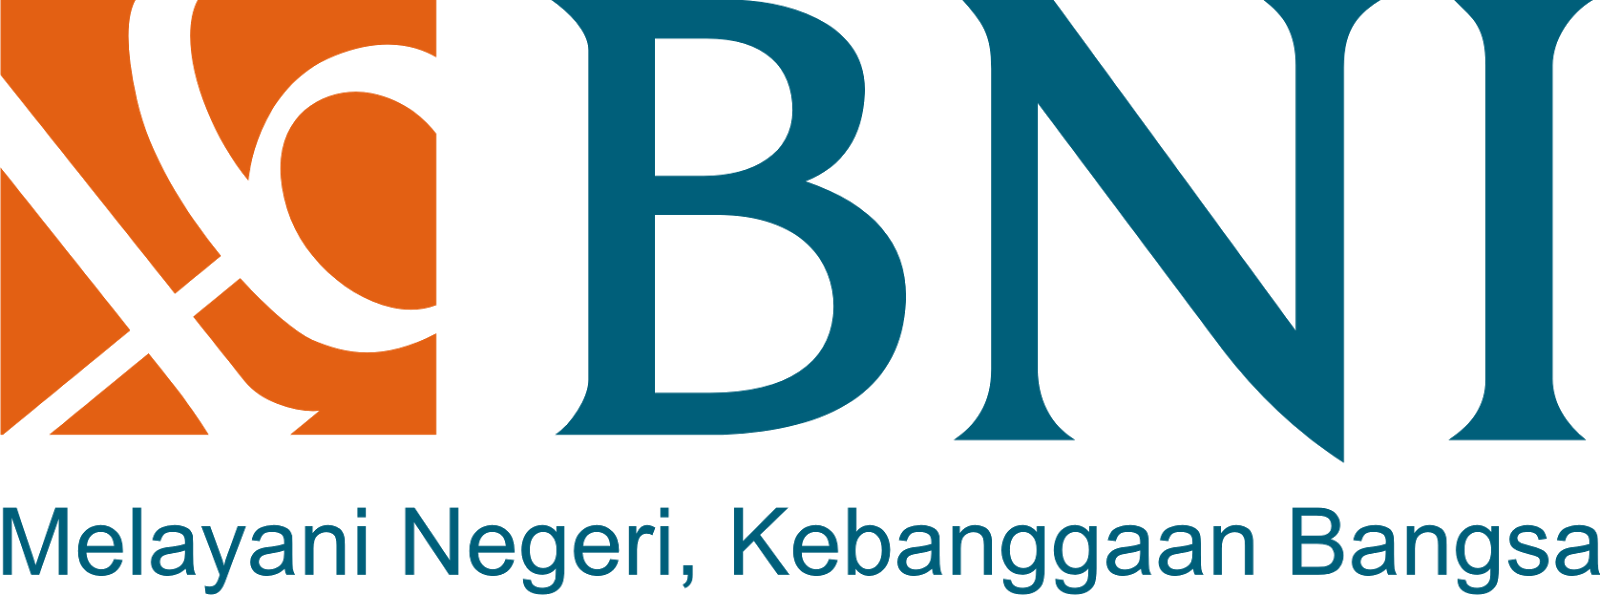 Alamat Bank BNI Cilacap, Kroya, Kawunganten, Majenang, Sidareja Jawa Tengah